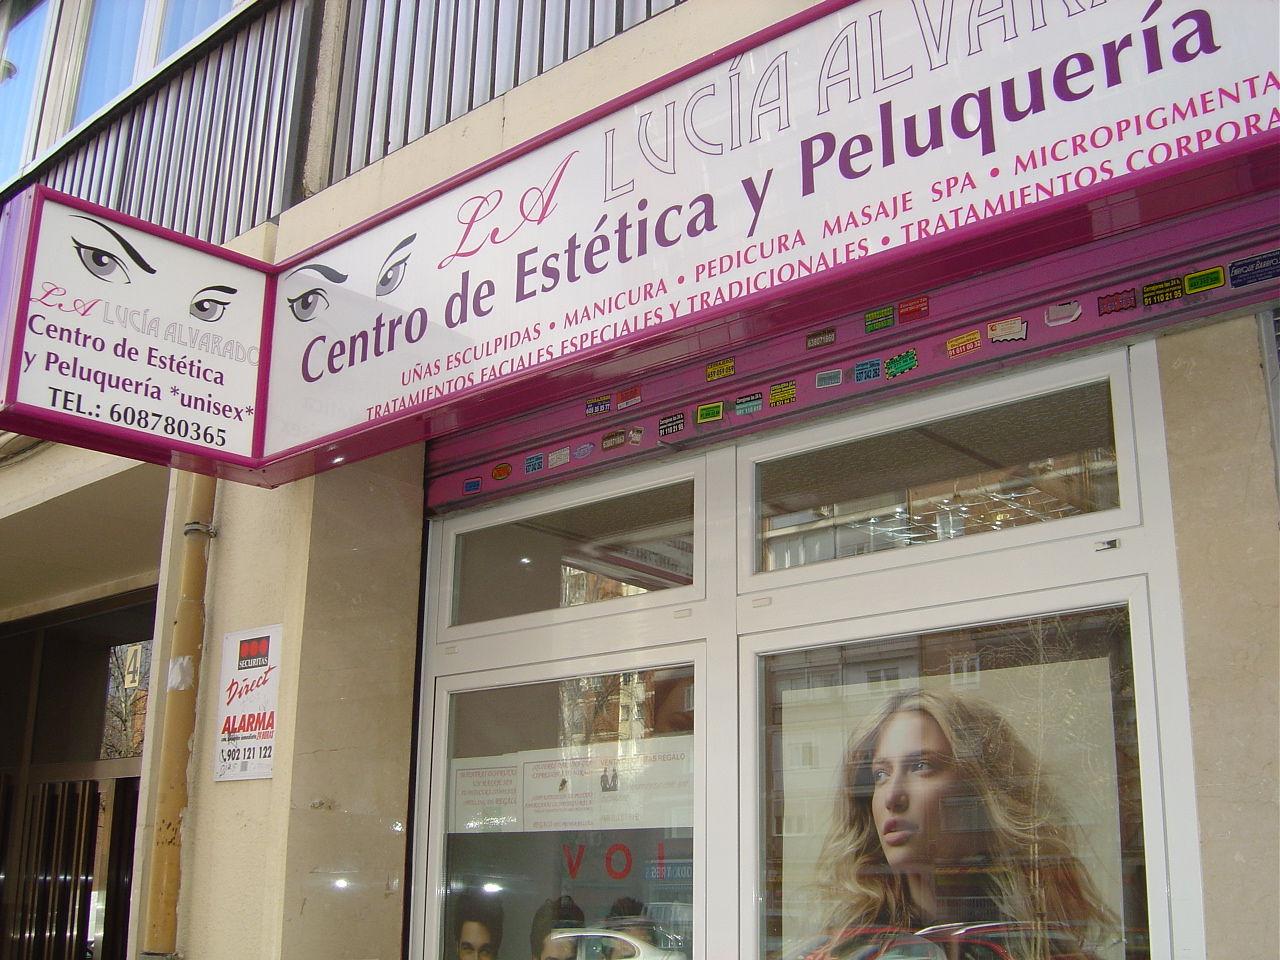 Foto 1 de Centros de estética en Madrid | Centro de Estética y Peluquería LA Lucía Alvarado